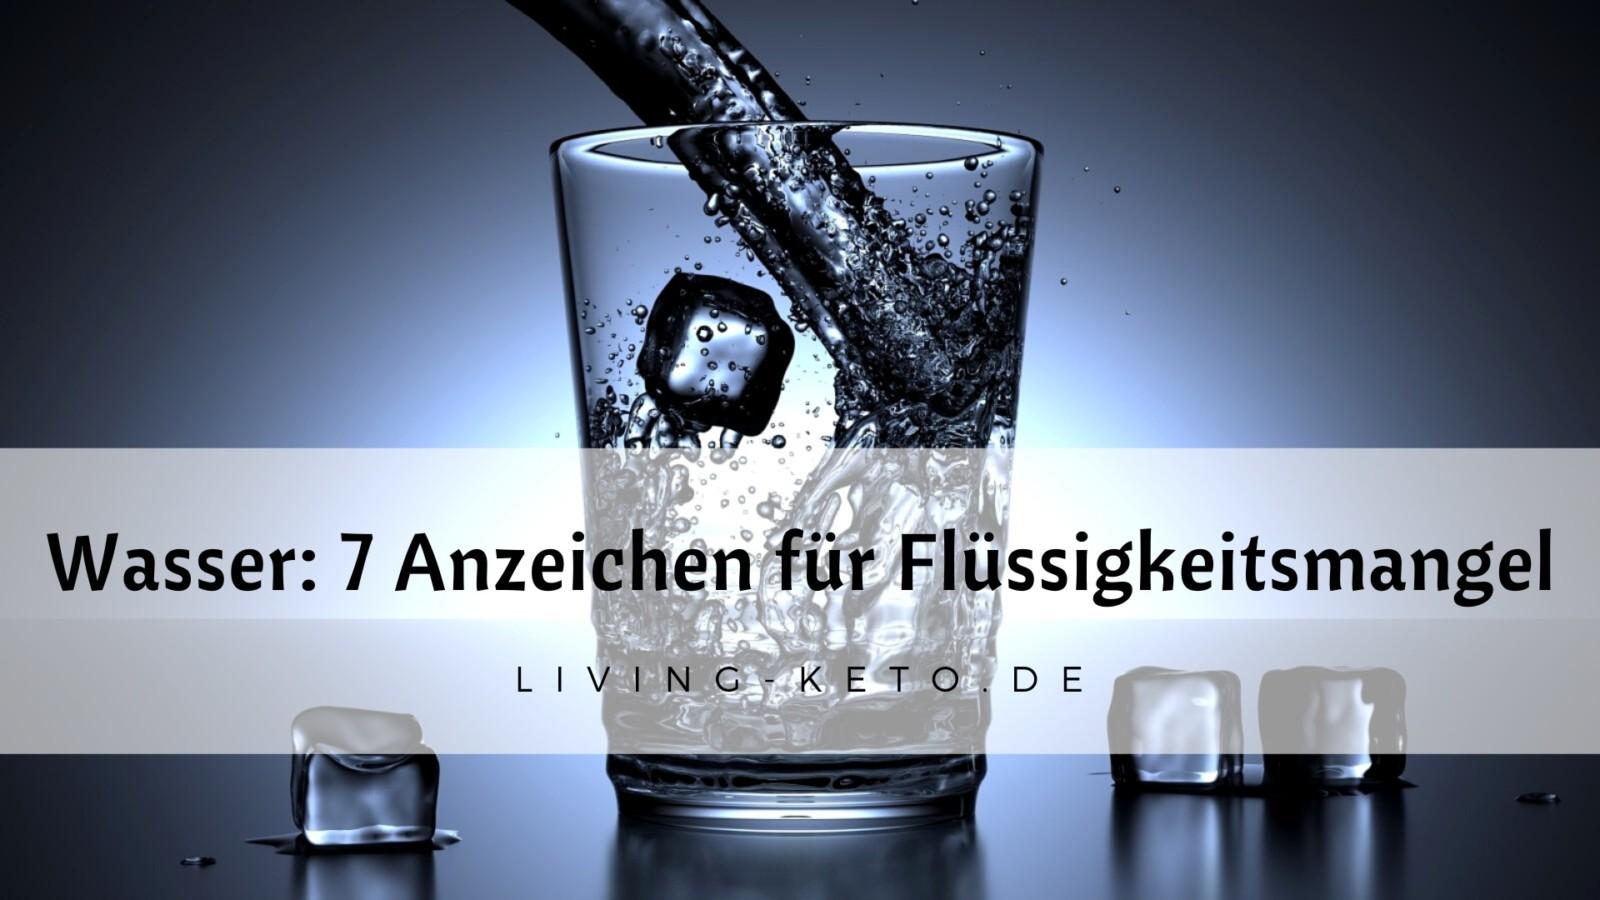 Wasser: 7 Anzeichen für Flüssigkeitsmangel